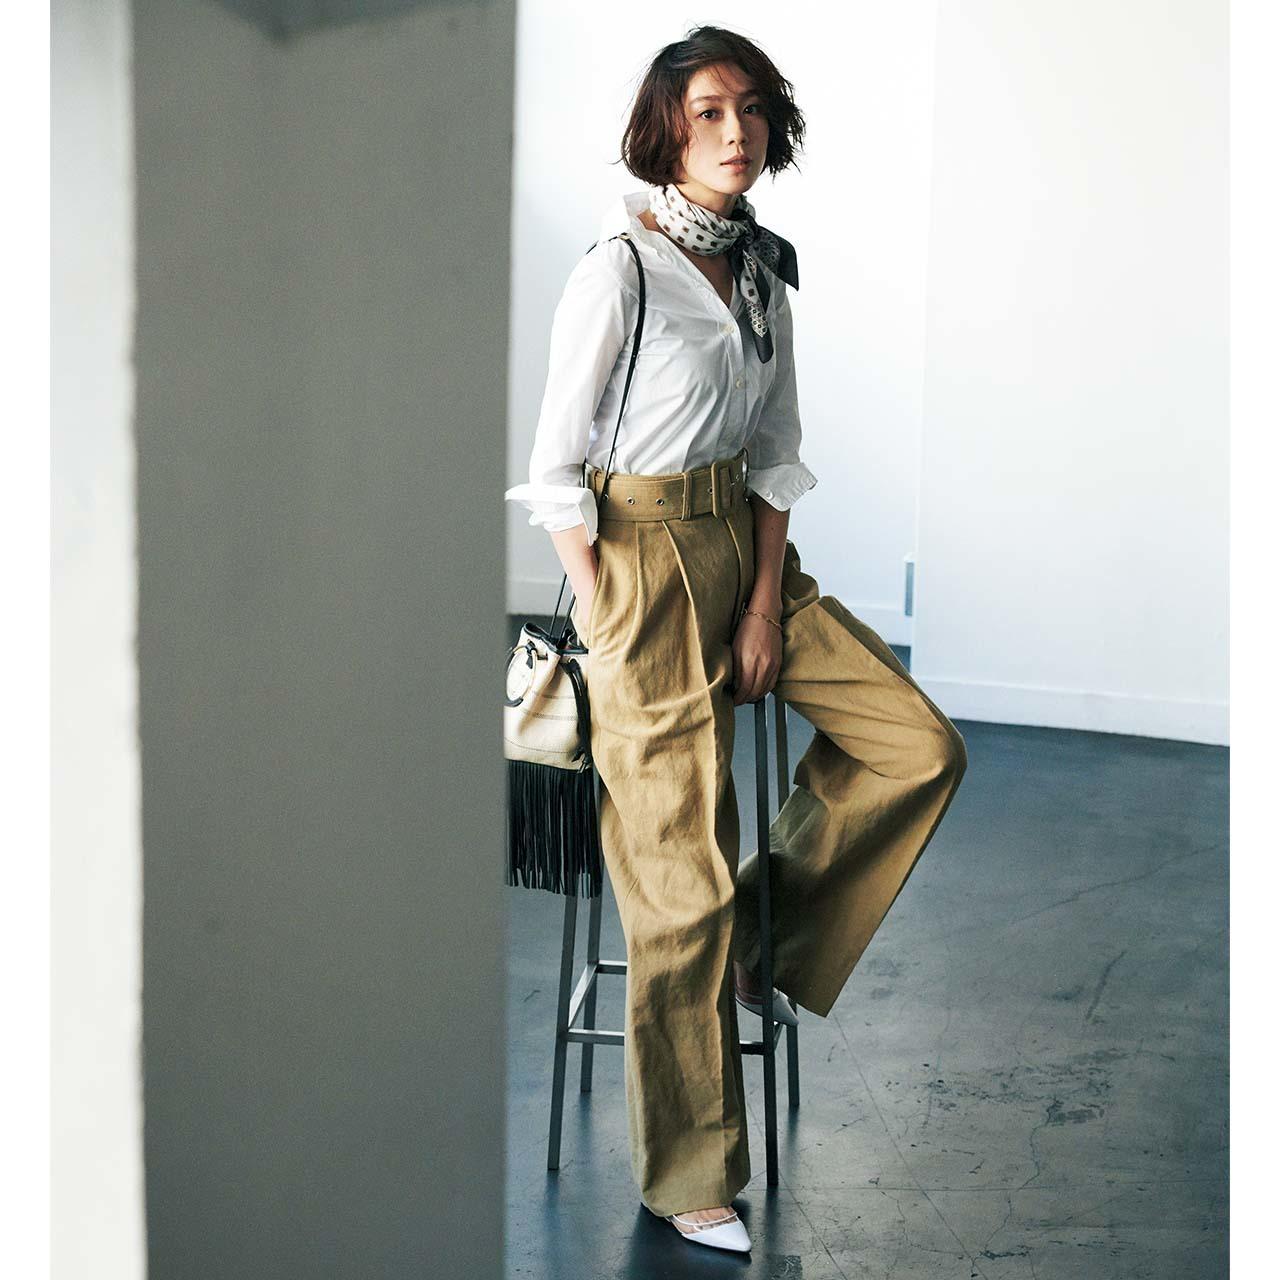 スカーフ×シャツ×パンツコーデを着たモデルの竹内友梨さん